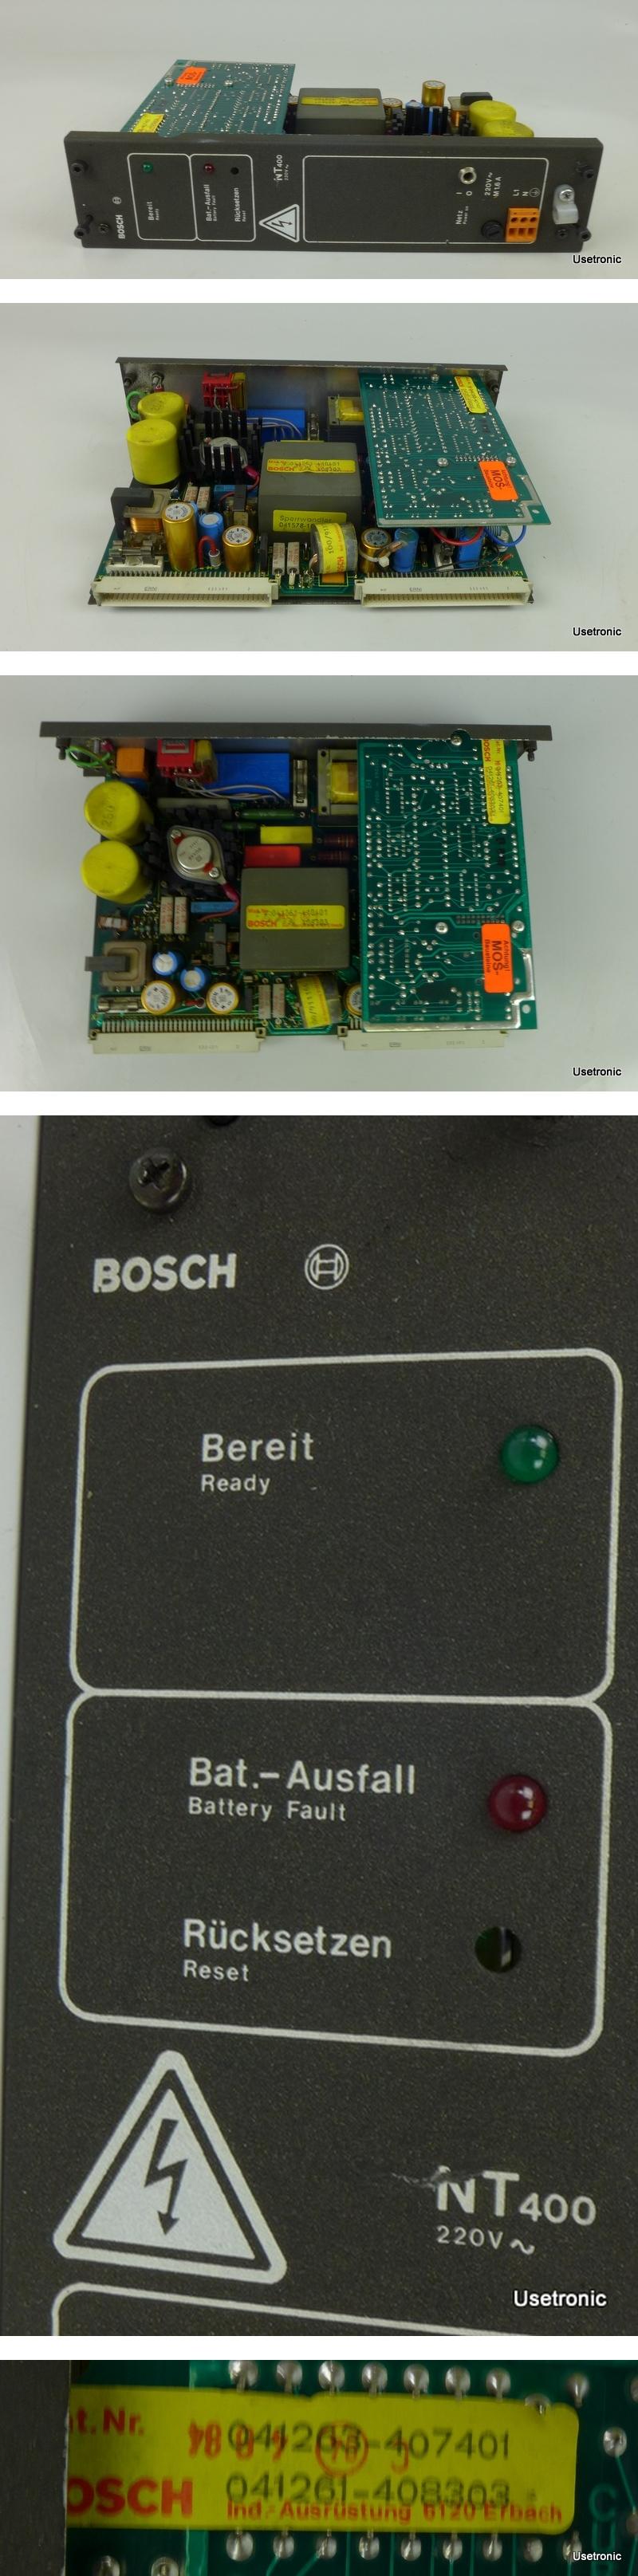 Bosch NT400